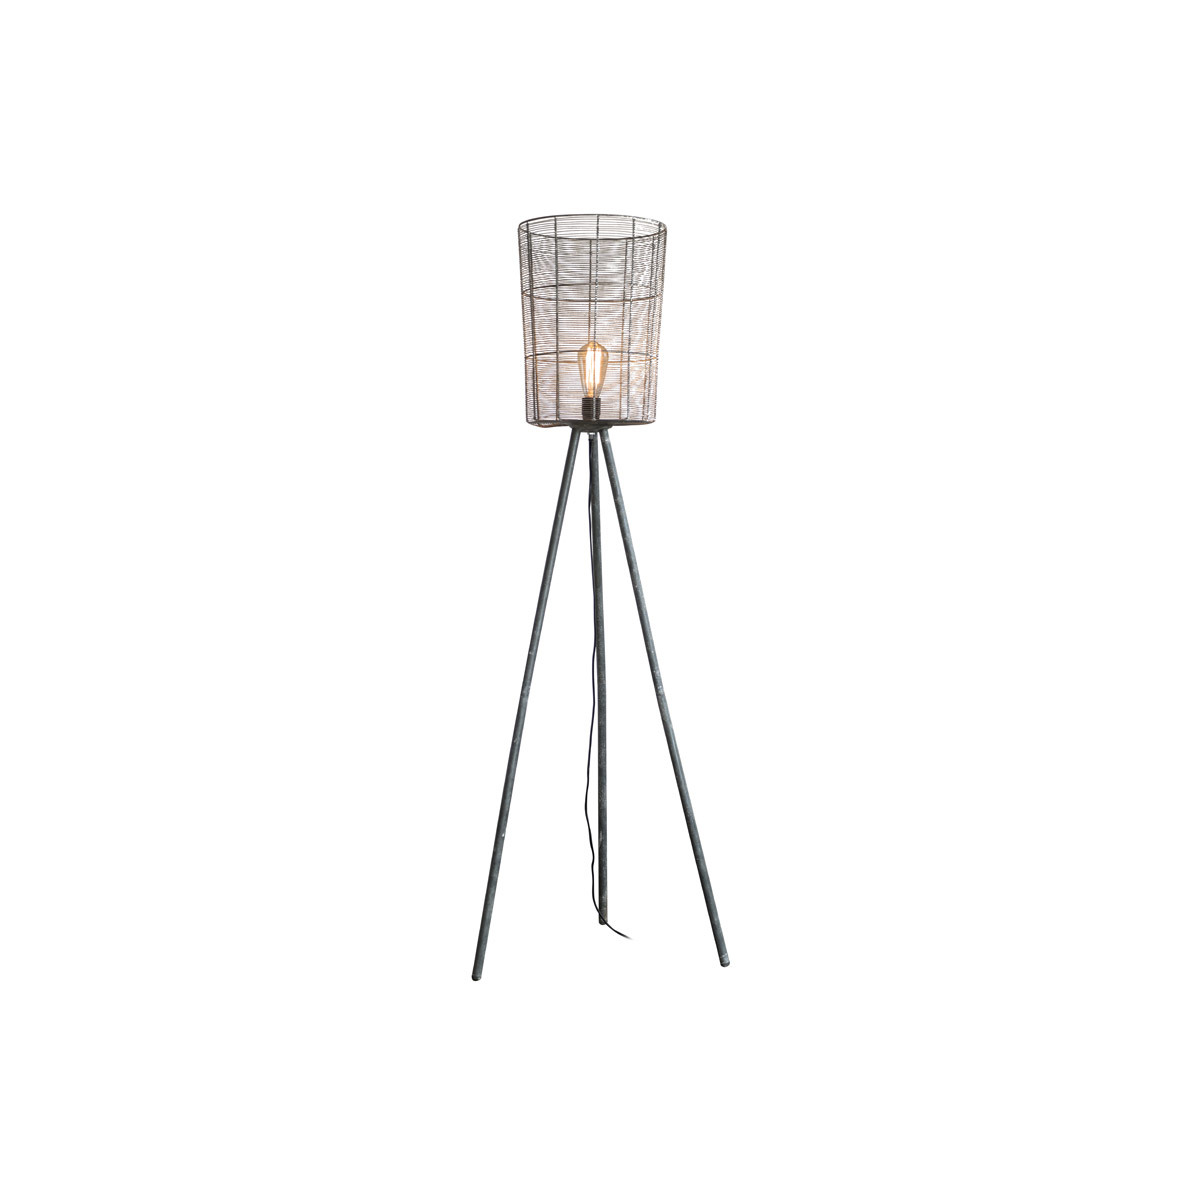 Lampada industriale treppiede legno e metallo grigio KORB